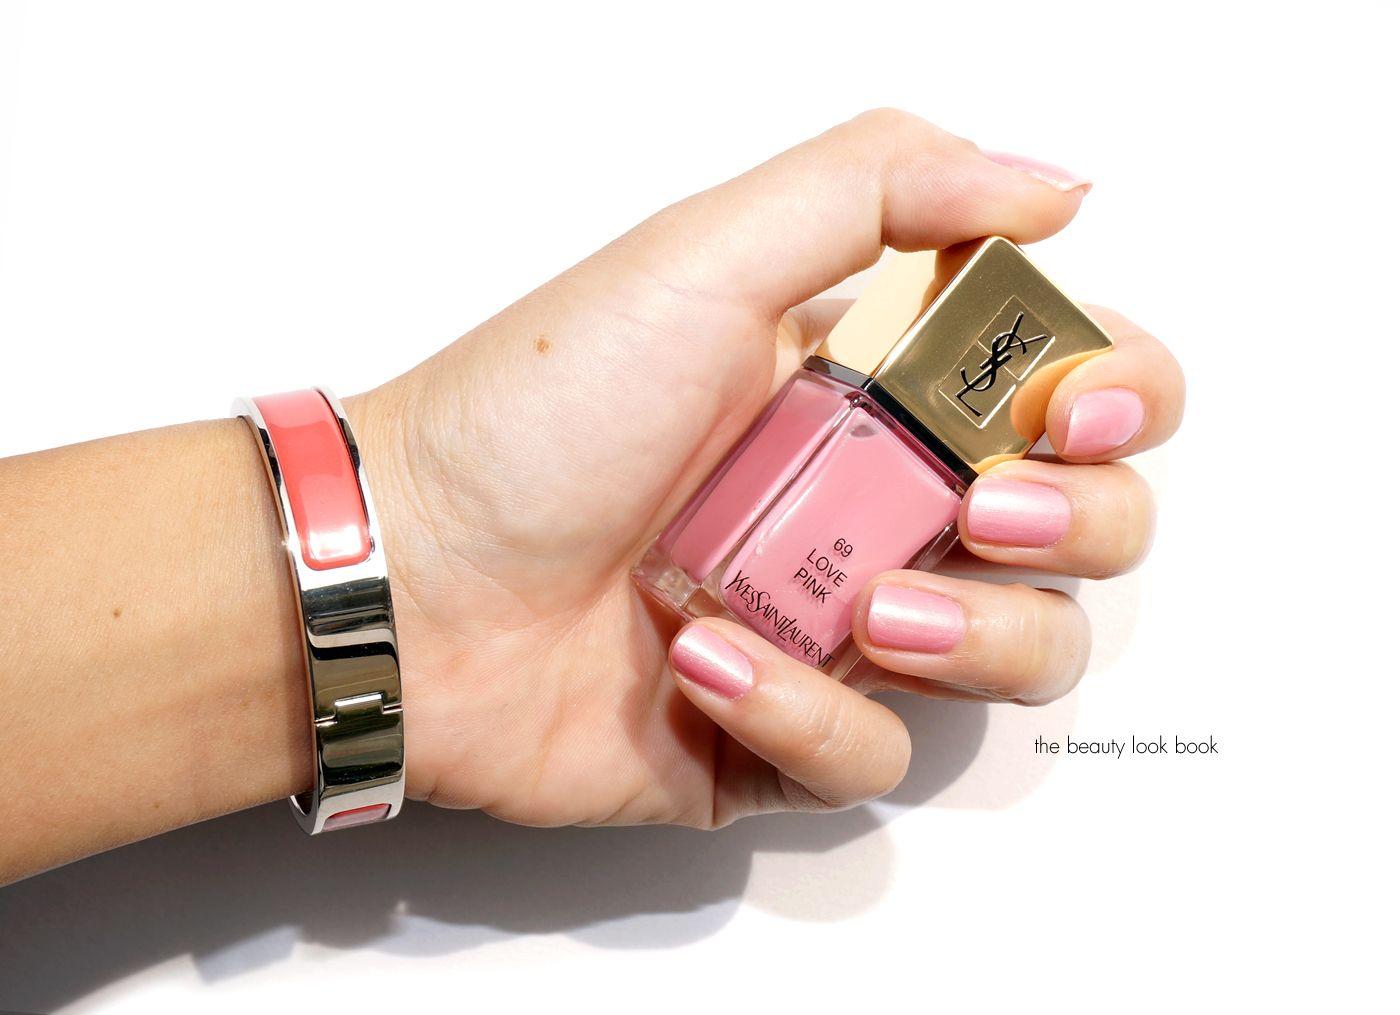 ysl nail polish love pink